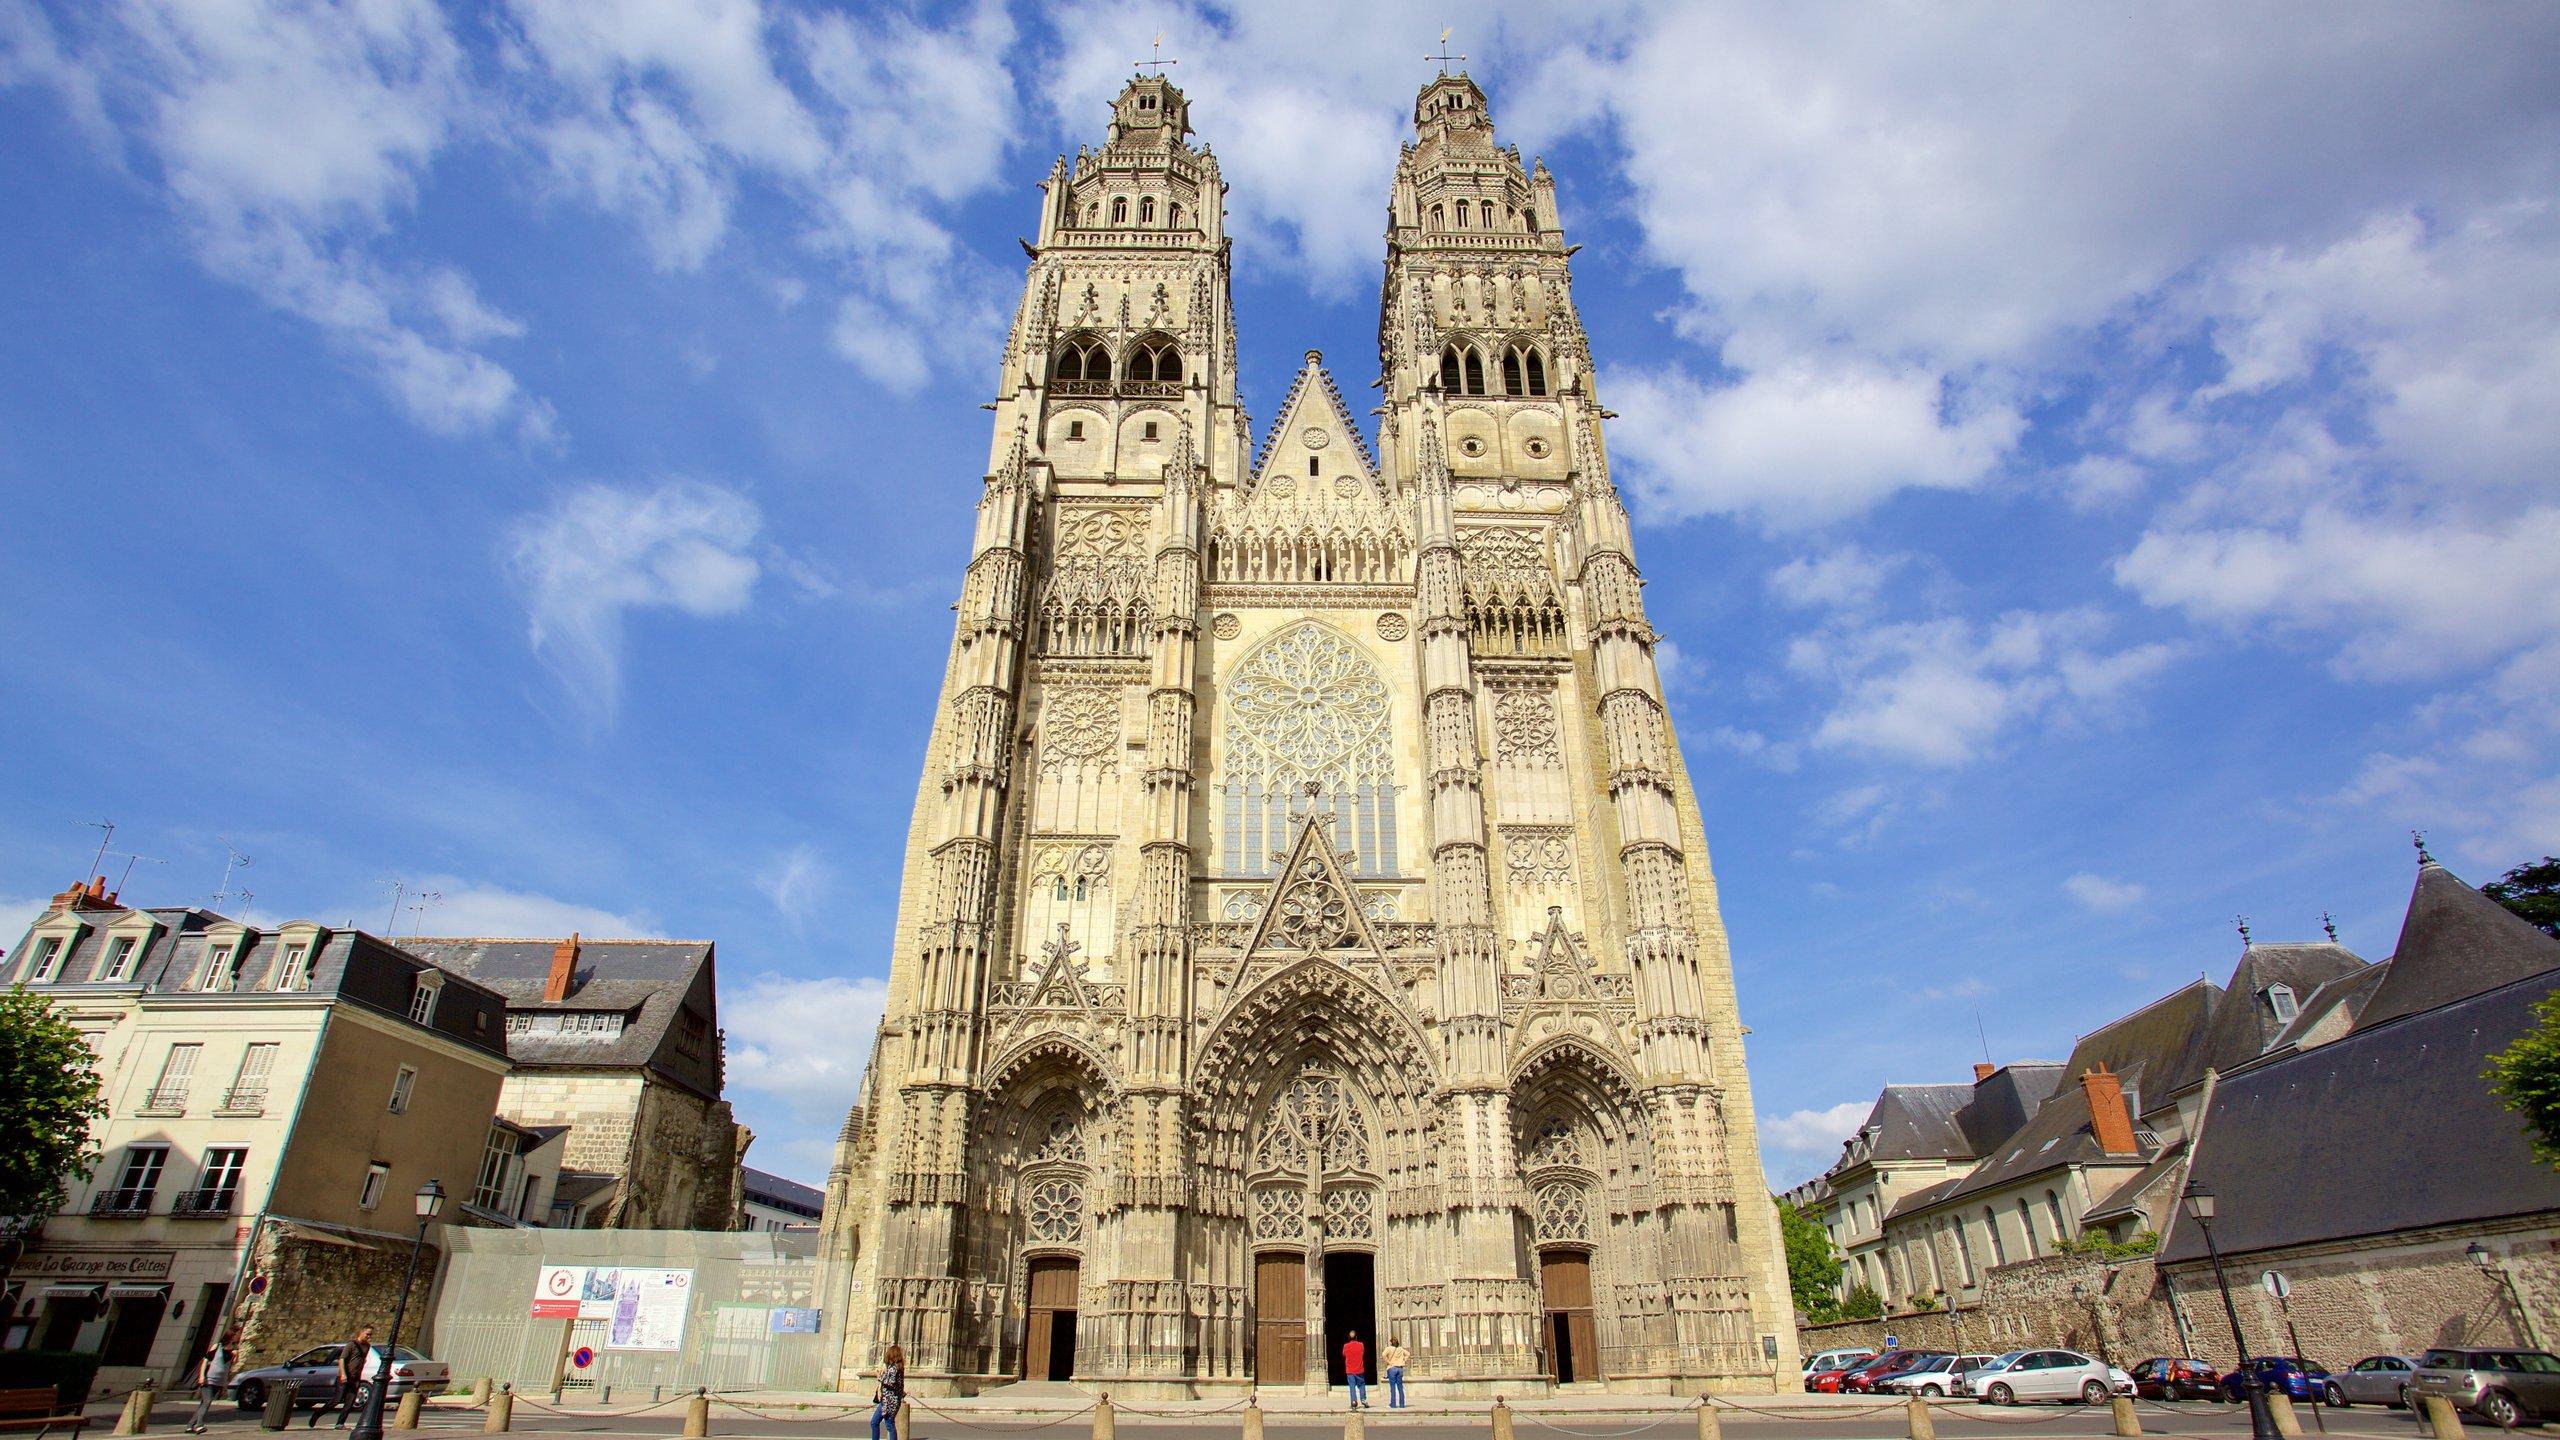 Cattedrale di Tours, Tours, Indre-et-Loire (dipartimento), Francia